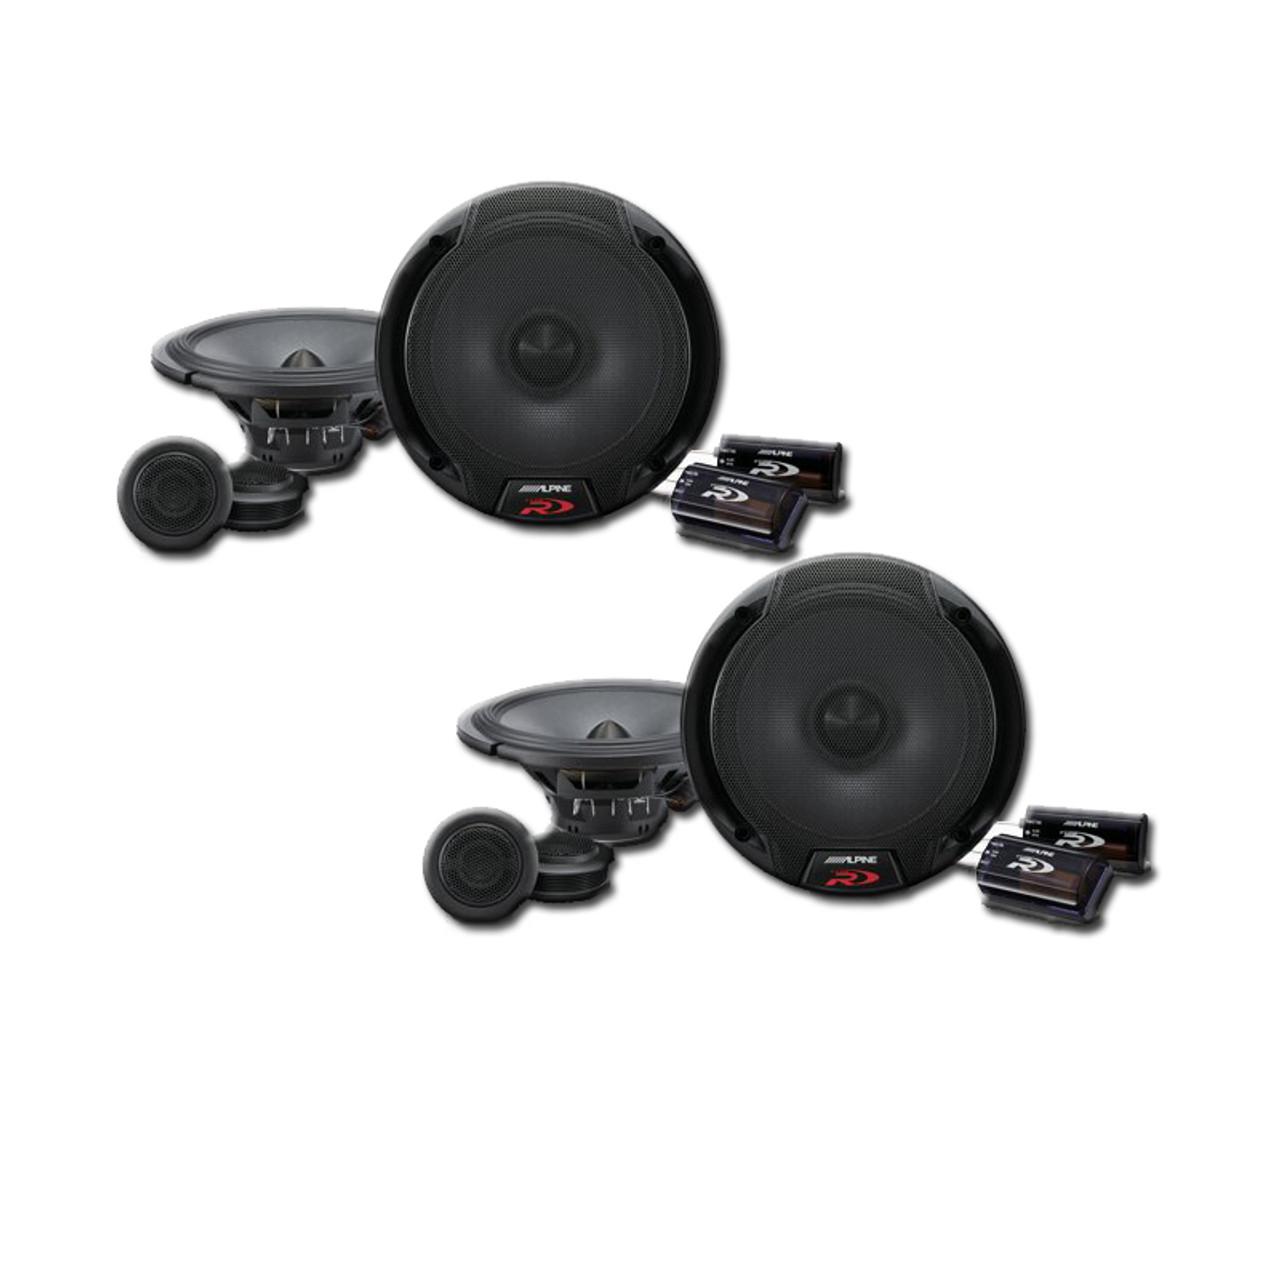 alpine spr 60c 6 1 2 component 2 way speaker system bundle rh creativeaudio net